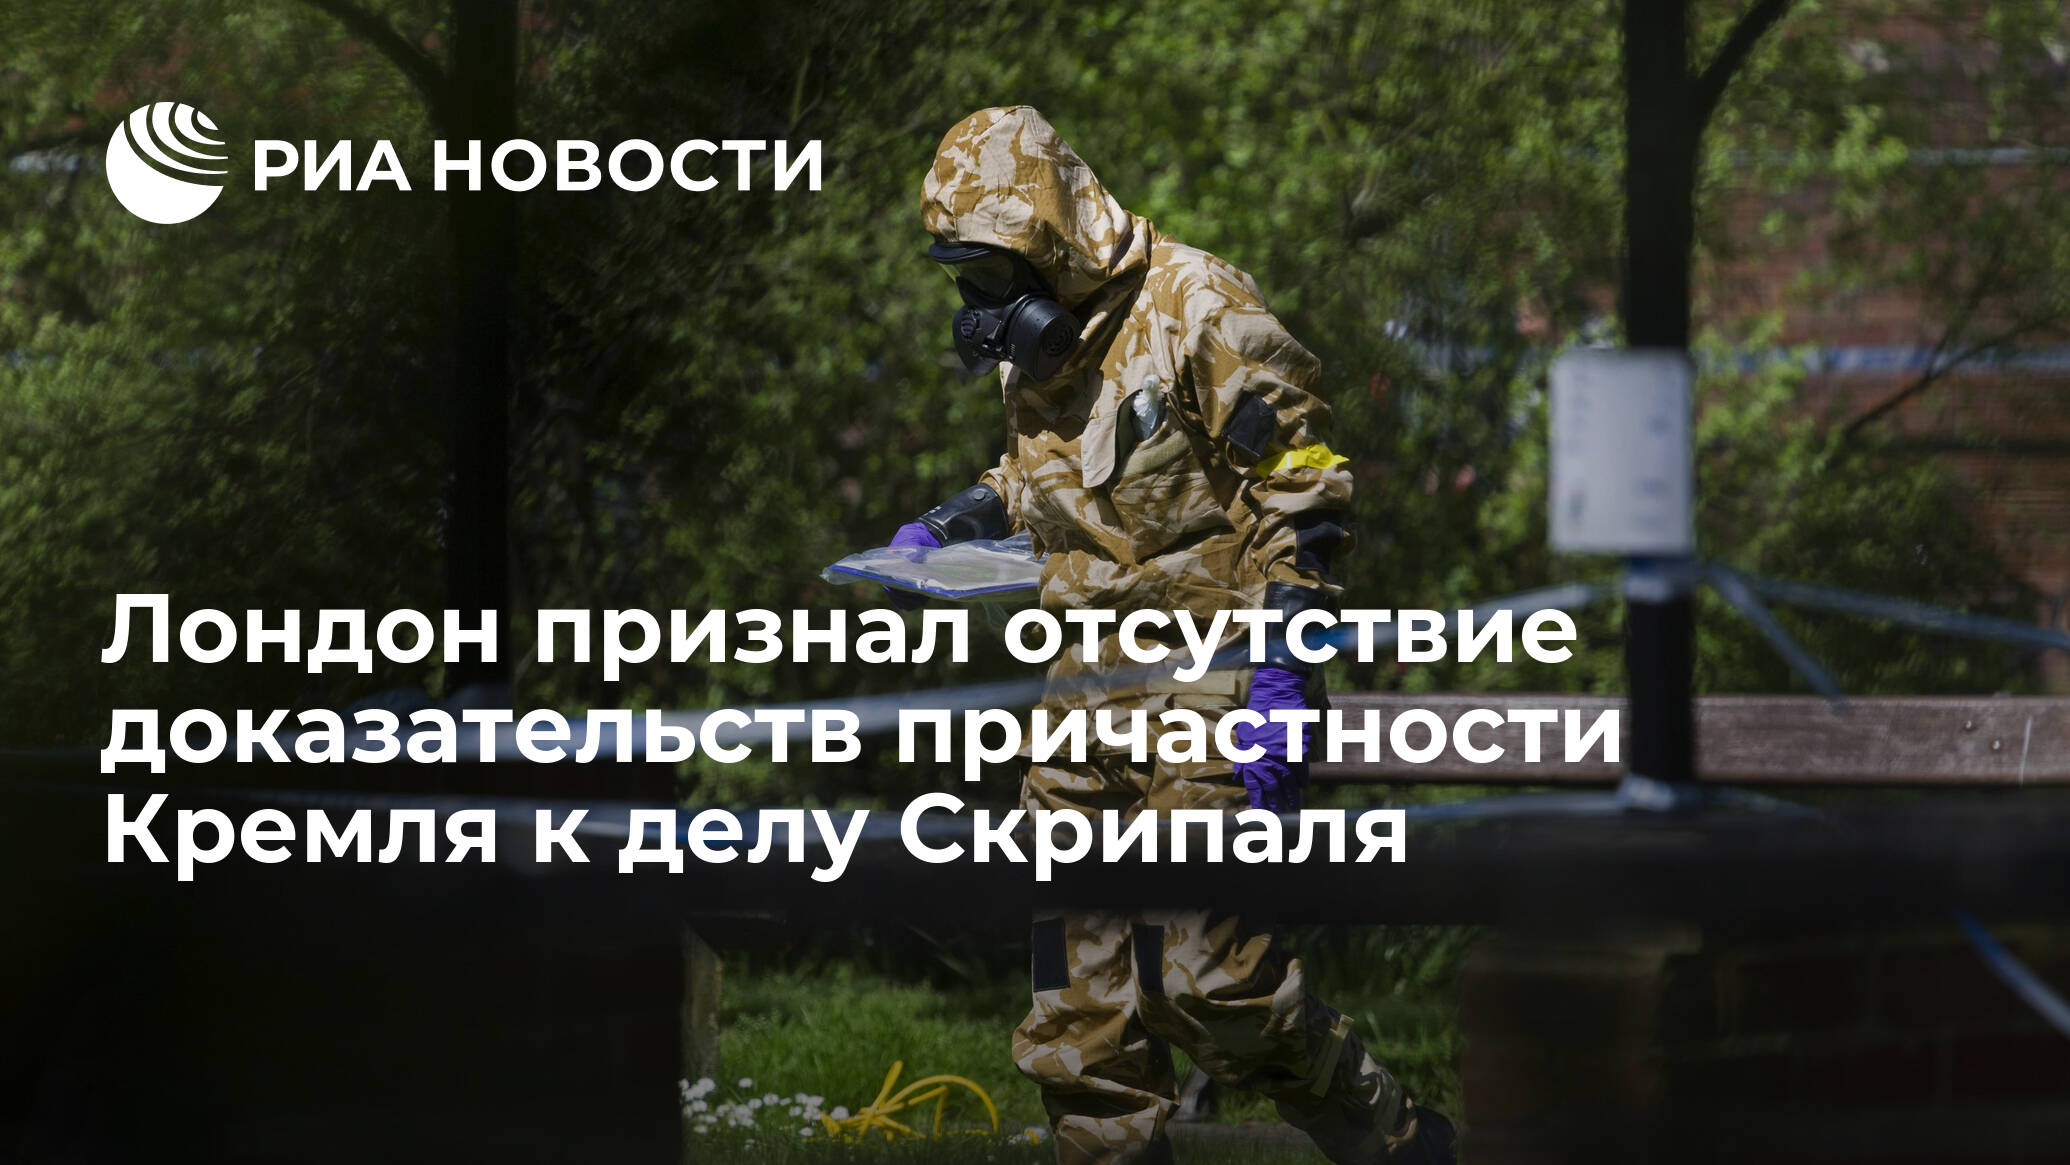 Лондон признал отсутствие доказательств причастности Кремля к делу Скрипаля